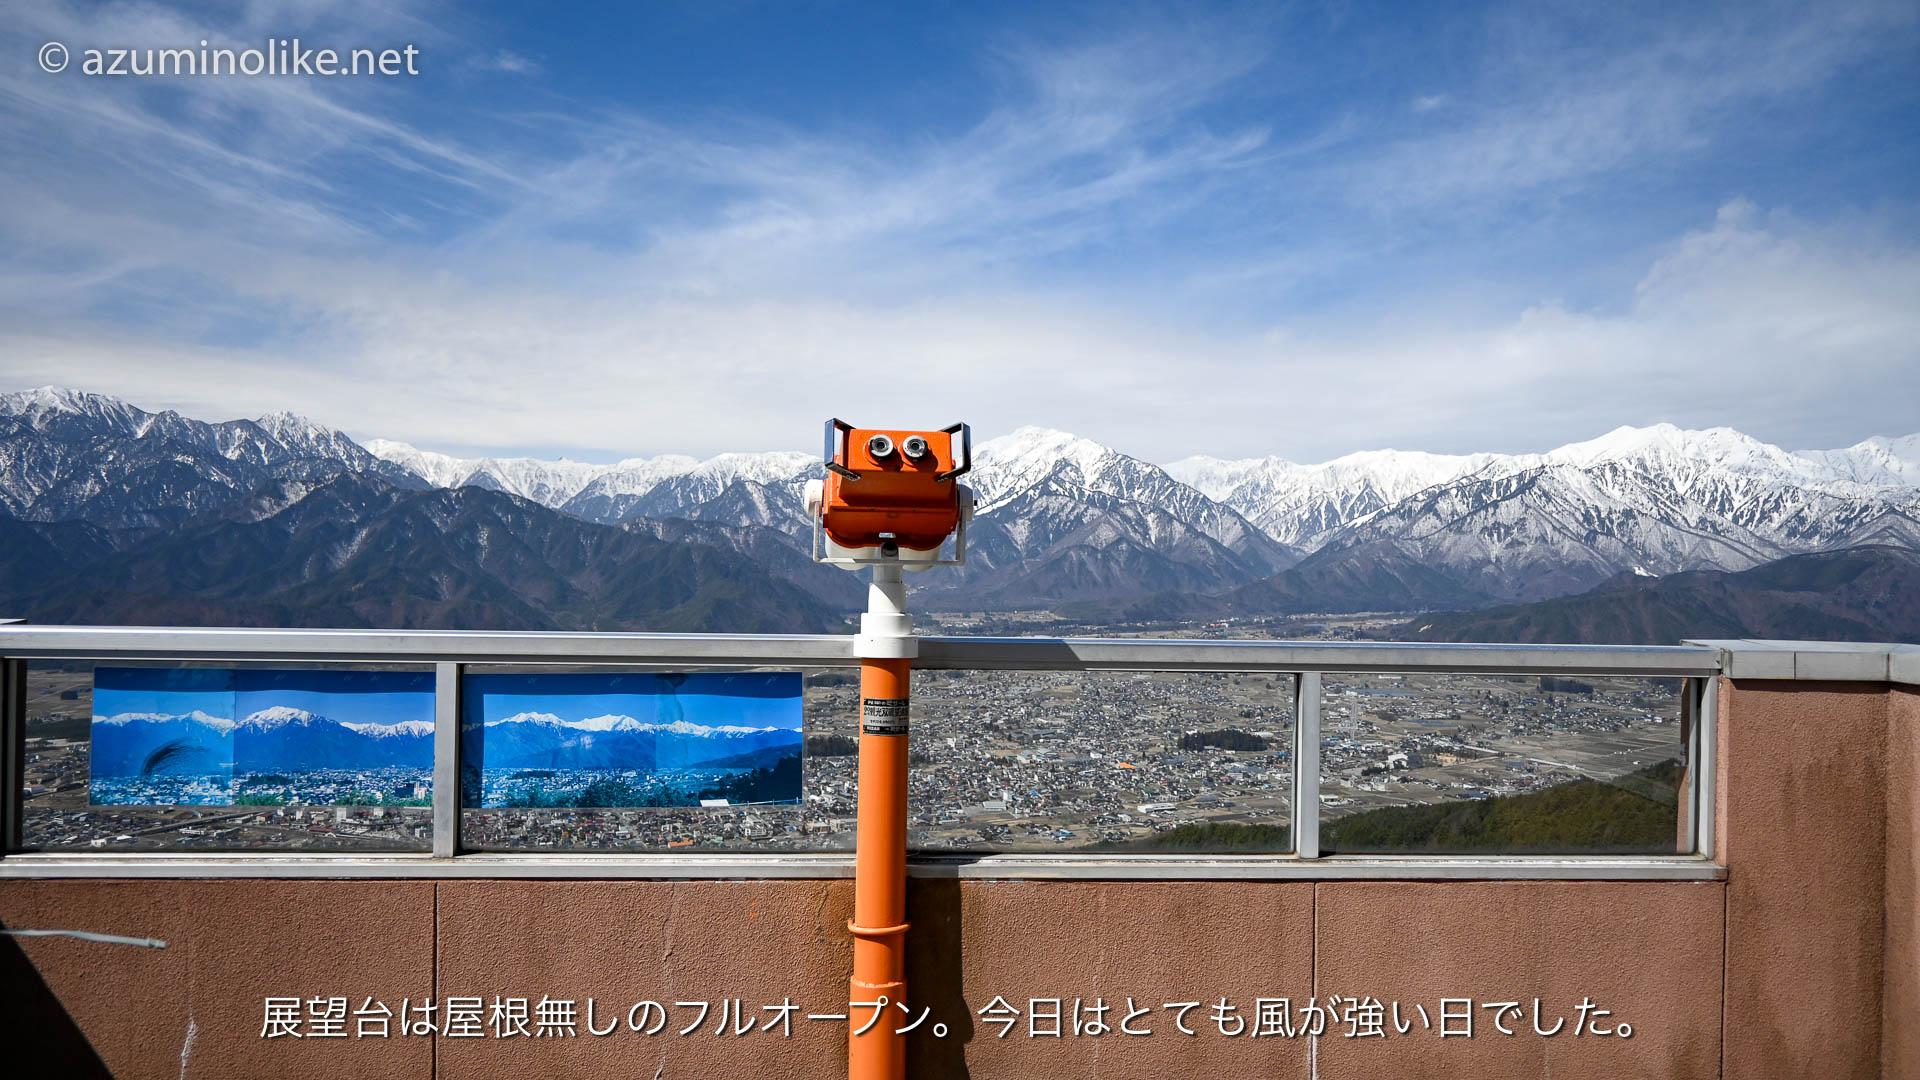 takagari321_ページ_11